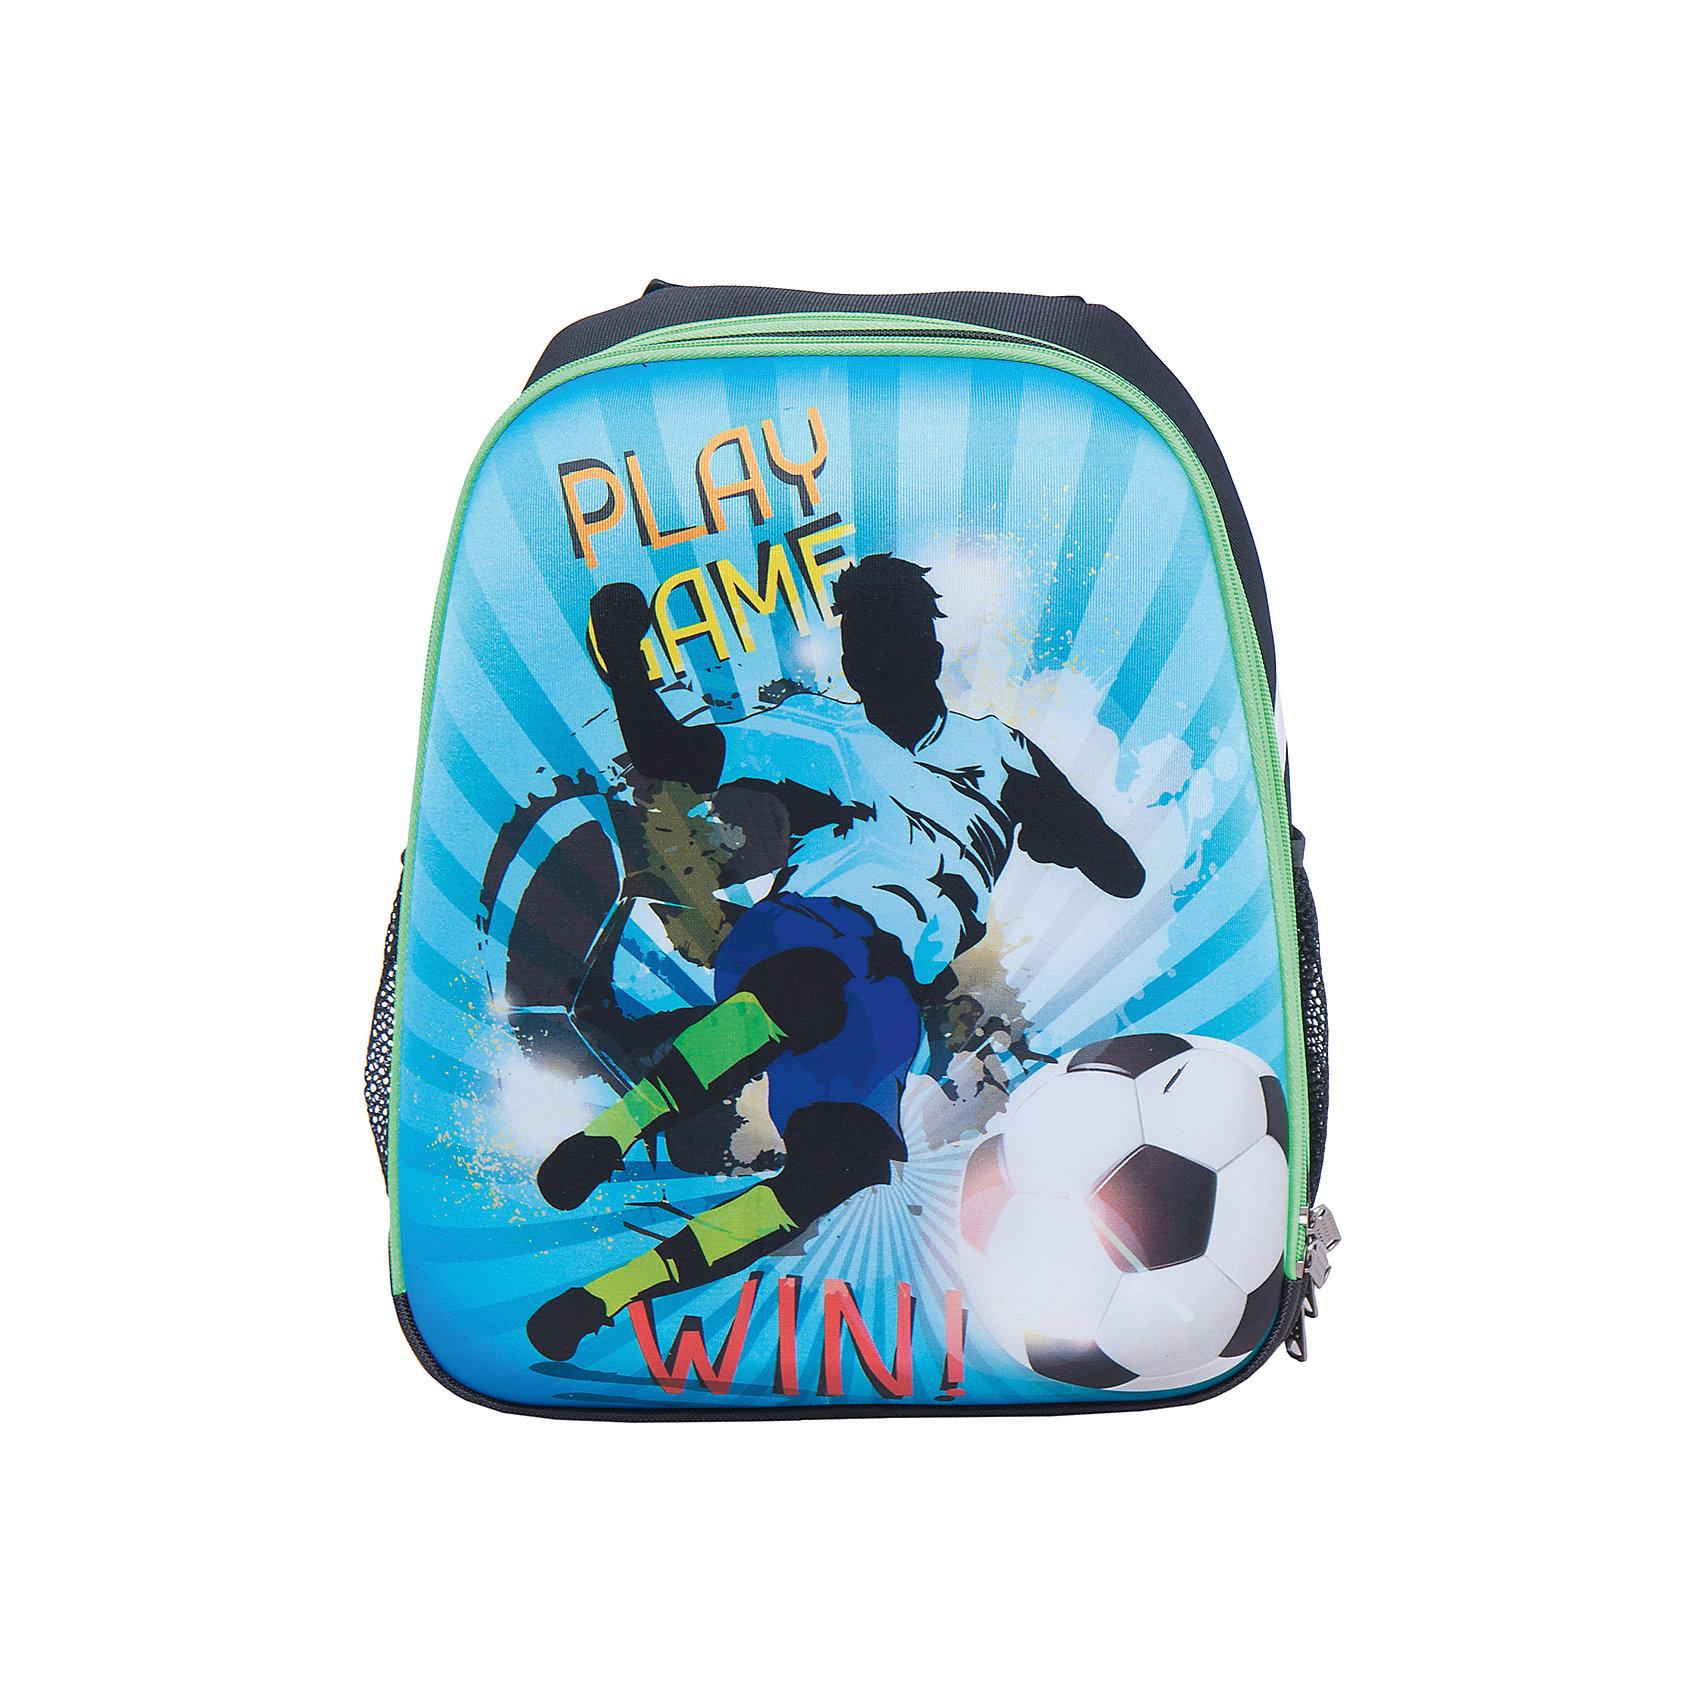 Школьный рюкзак ФутболистРюкзаки<br>Стильный каркасный рюкзак Футболист: эффектный дизайн и забота в Вашем ребенке. Благодаря твердому корпусу содержимое рюкзака надежно защищено. Эргономичная спинка и широкие регулируемые лямки берегут позвоночник Вашего школьника, равномерно распределяя нагрузку. Для переноски рюкзака в руке предусмотрена удобная ручка. Внутри рюкзака 2 вместительных отделения, а также 2 боковых кармана. Плотное дно надежно защищает учебники и тетрадки от промокания, даже если поставить рюкзак в лужу!<br><br>Дополнительная информация:<br>- размеры: 38х31,5х17 см<br>- вес: 900 гр.<br>- материал: нейлон, полиэстер, передняя и боковые части - вспененный формованный микропористый полимер<br>- принт устойчив к выгоранию<br>- застежка-молния с легким ходом<br><br>Каркасный рюкзак Футболист  можно купить в нашем интернет-магазине<br><br>Ширина мм: 170<br>Глубина мм: 315<br>Высота мм: 380<br>Вес г: 750<br>Возраст от месяцев: 72<br>Возраст до месяцев: 144<br>Пол: Мужской<br>Возраст: Детский<br>SKU: 4616120